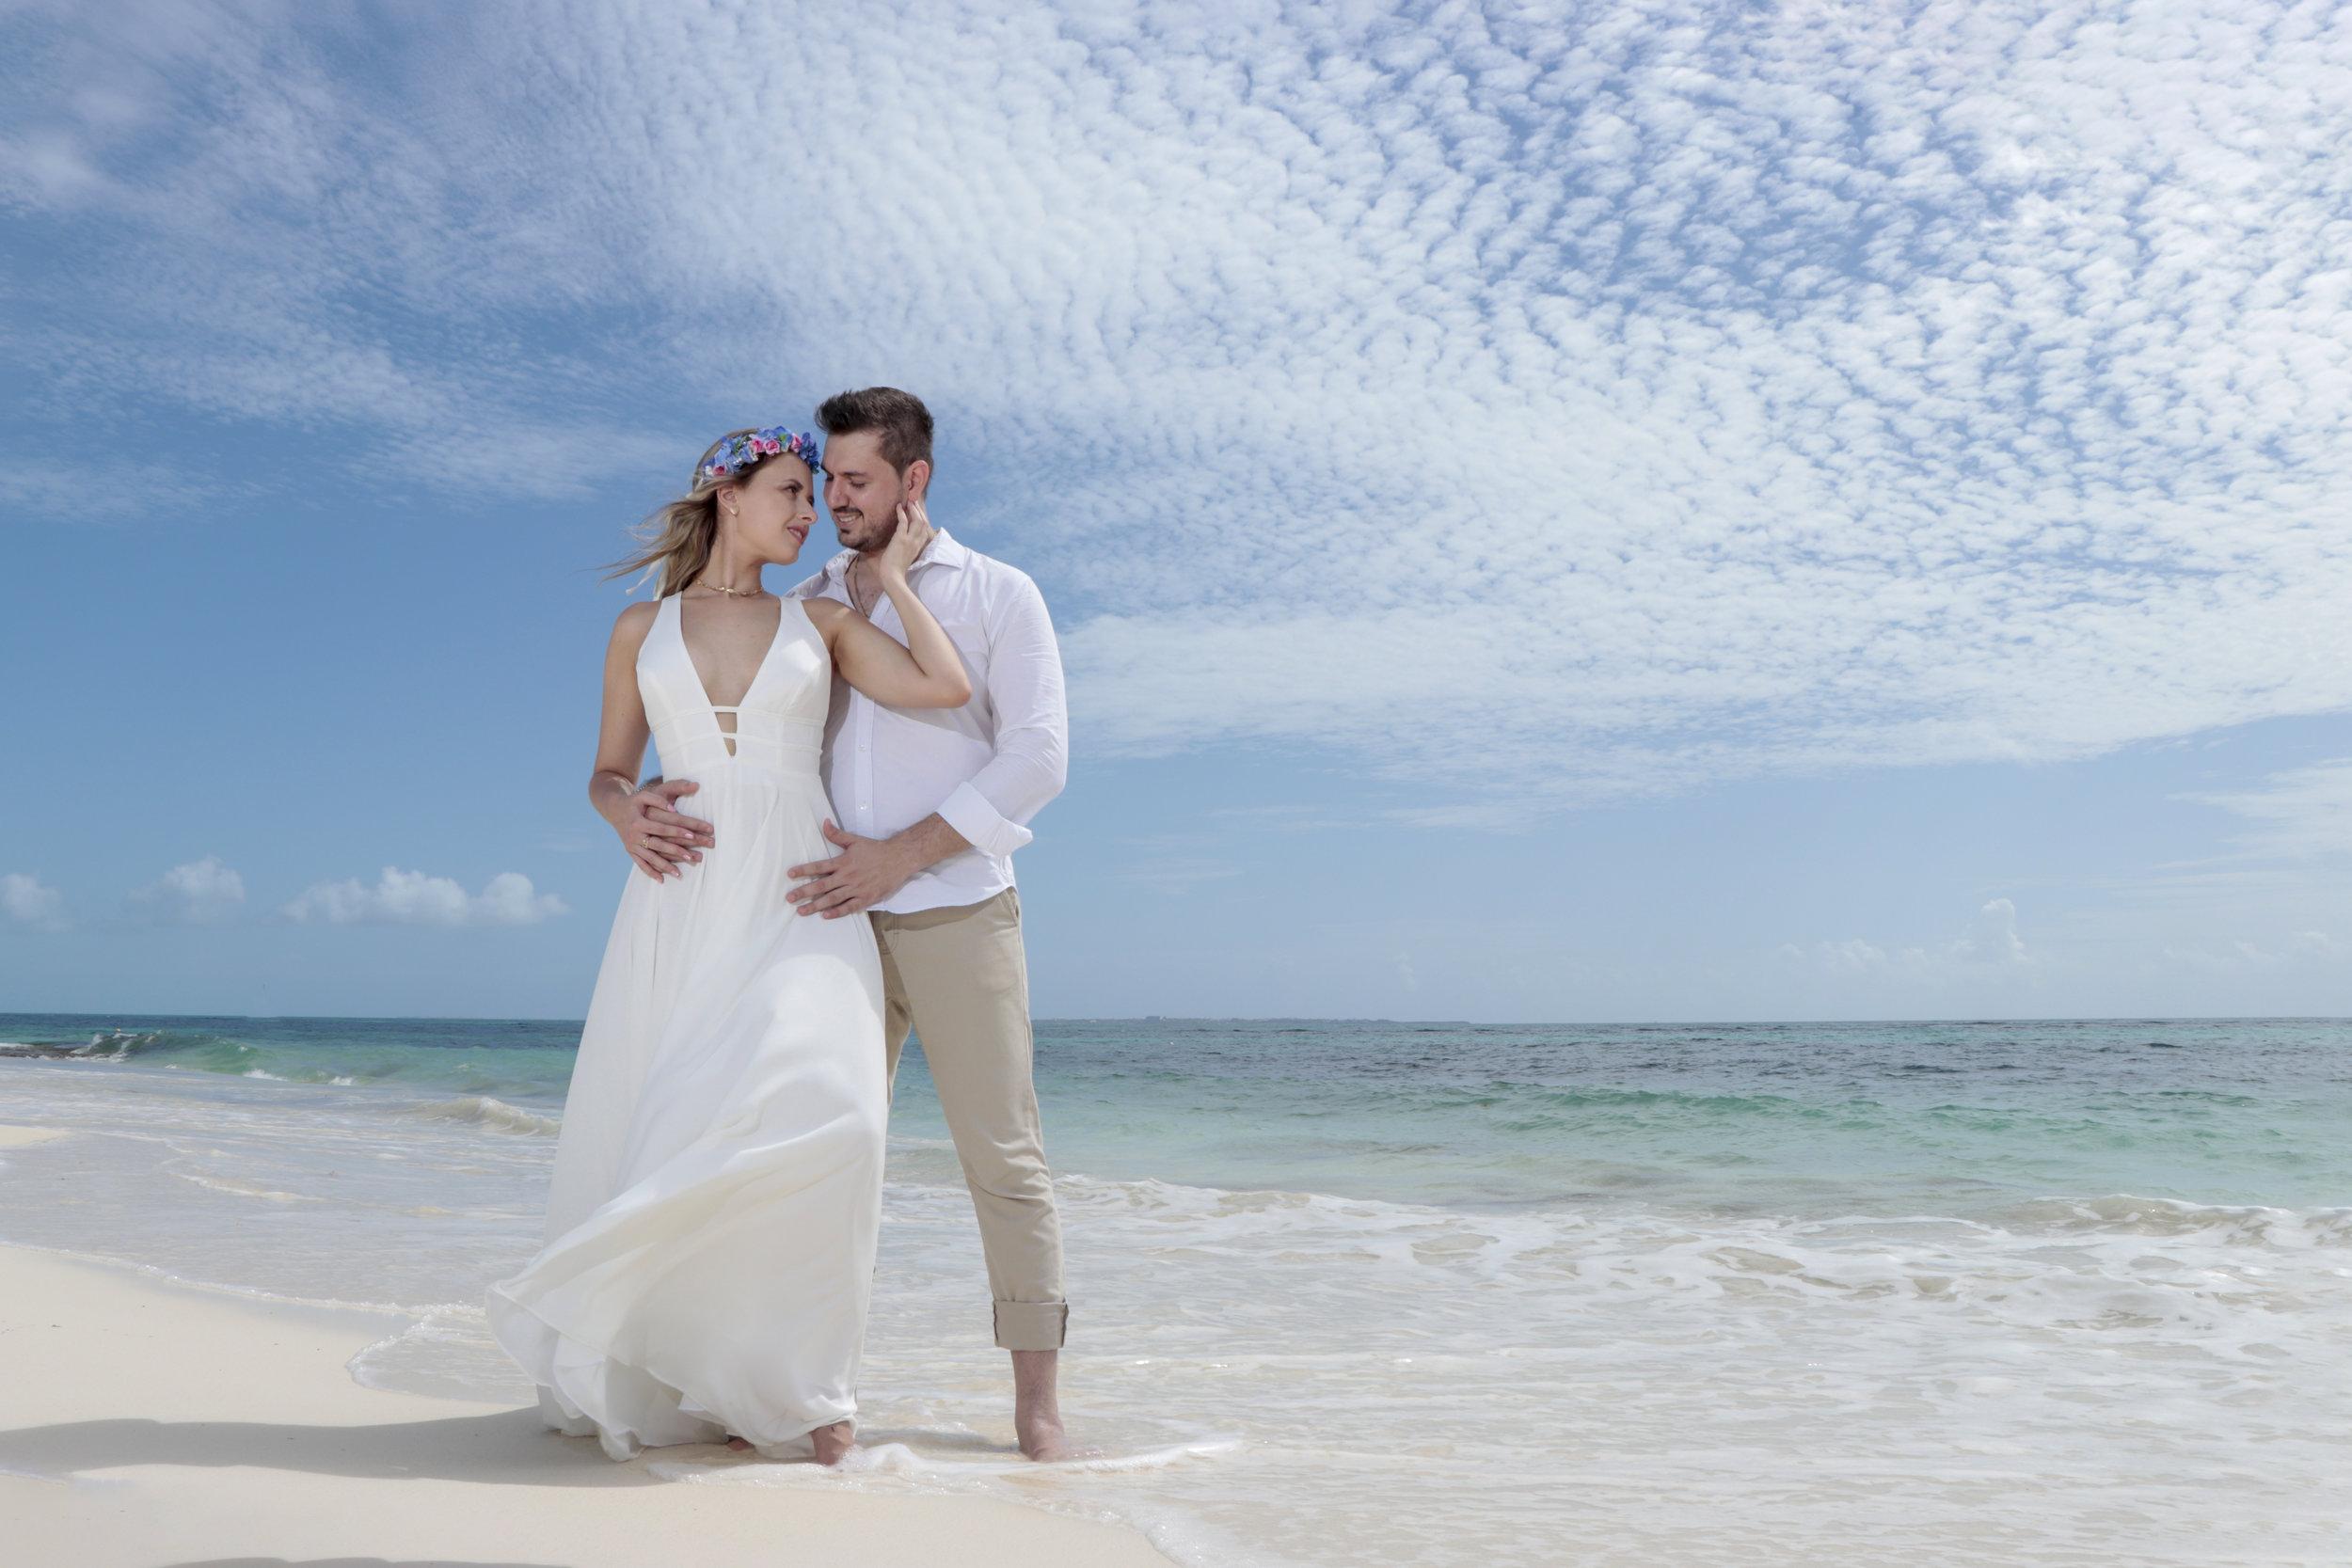 Ensaio Fotografico em Cancun 01.JPG